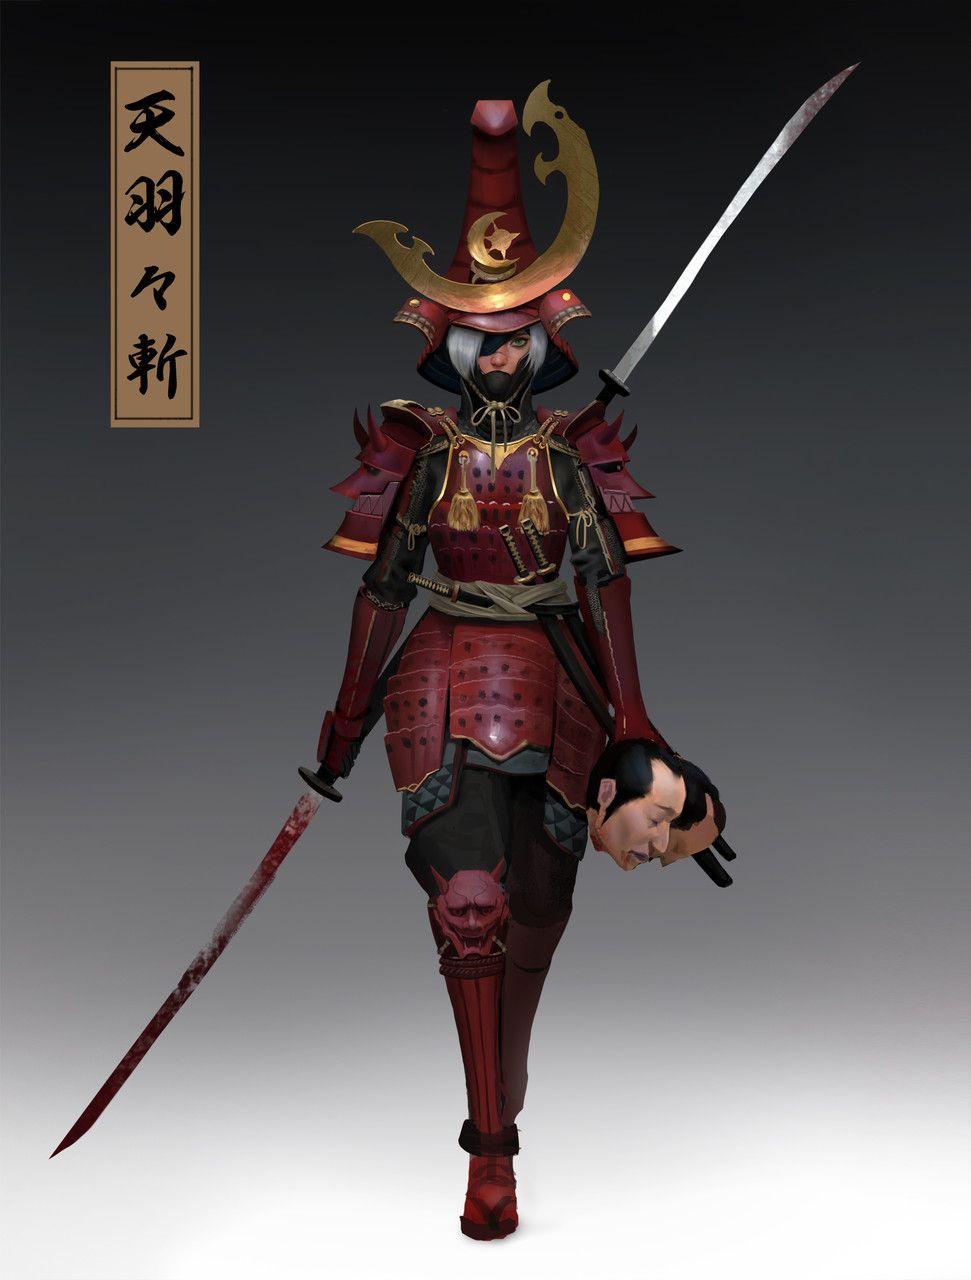 ArtStation - swordsman , Yishu Ci | Fantasy samurai